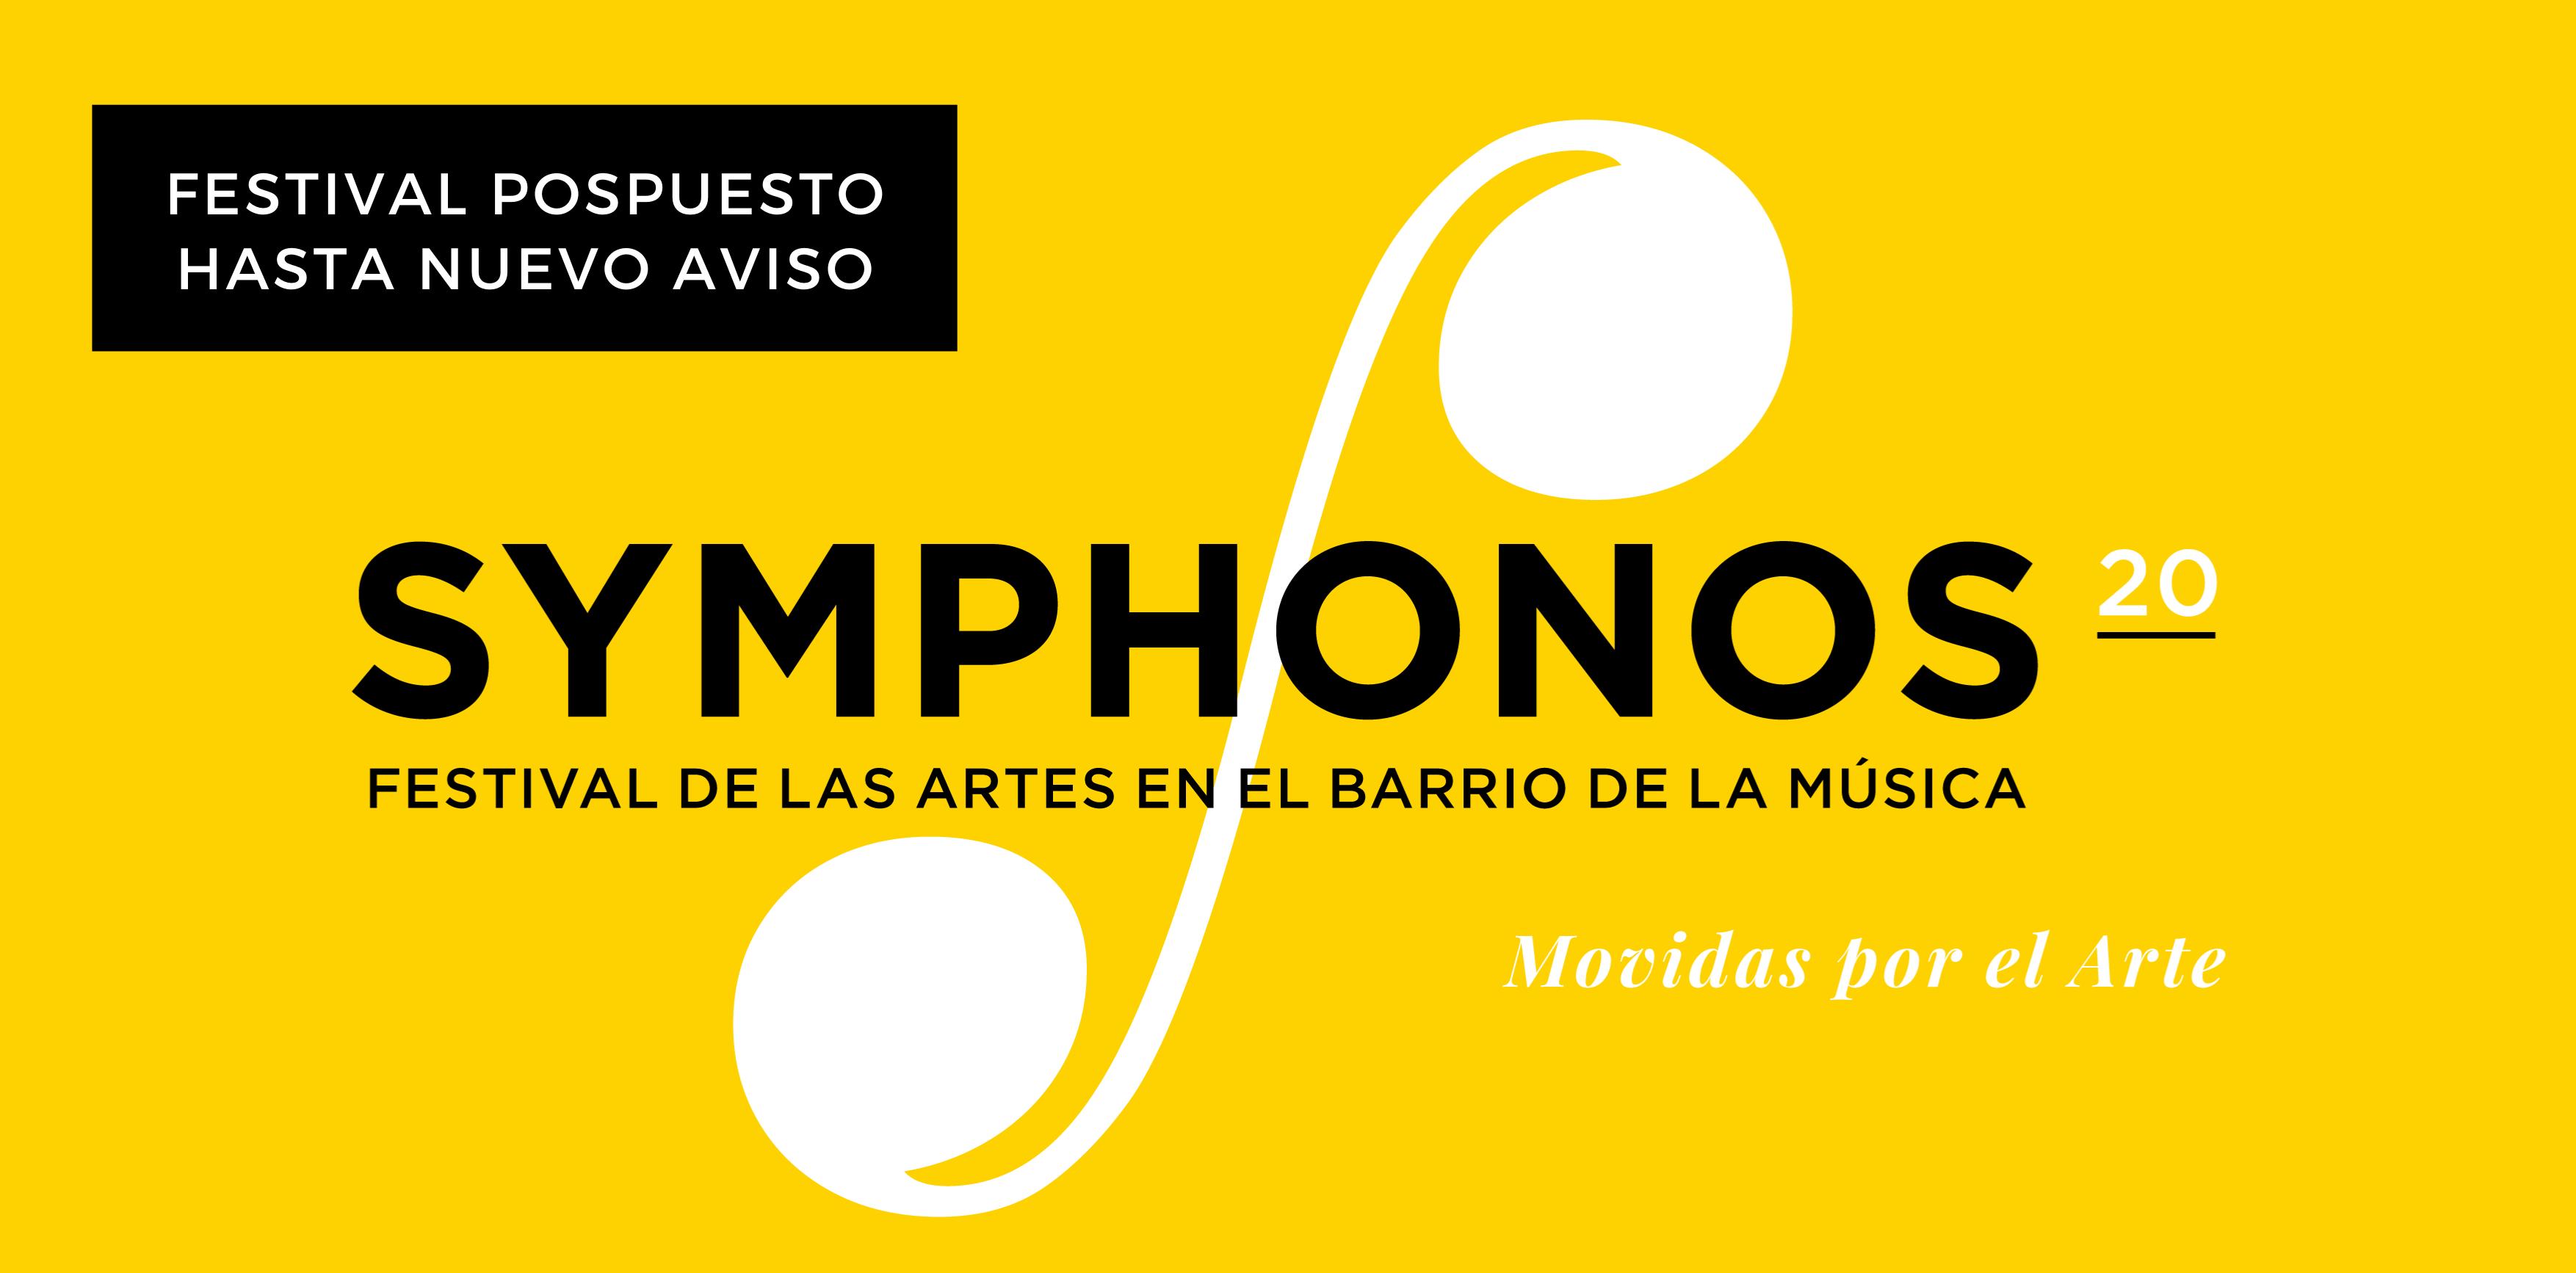 symphonos_pospuesto